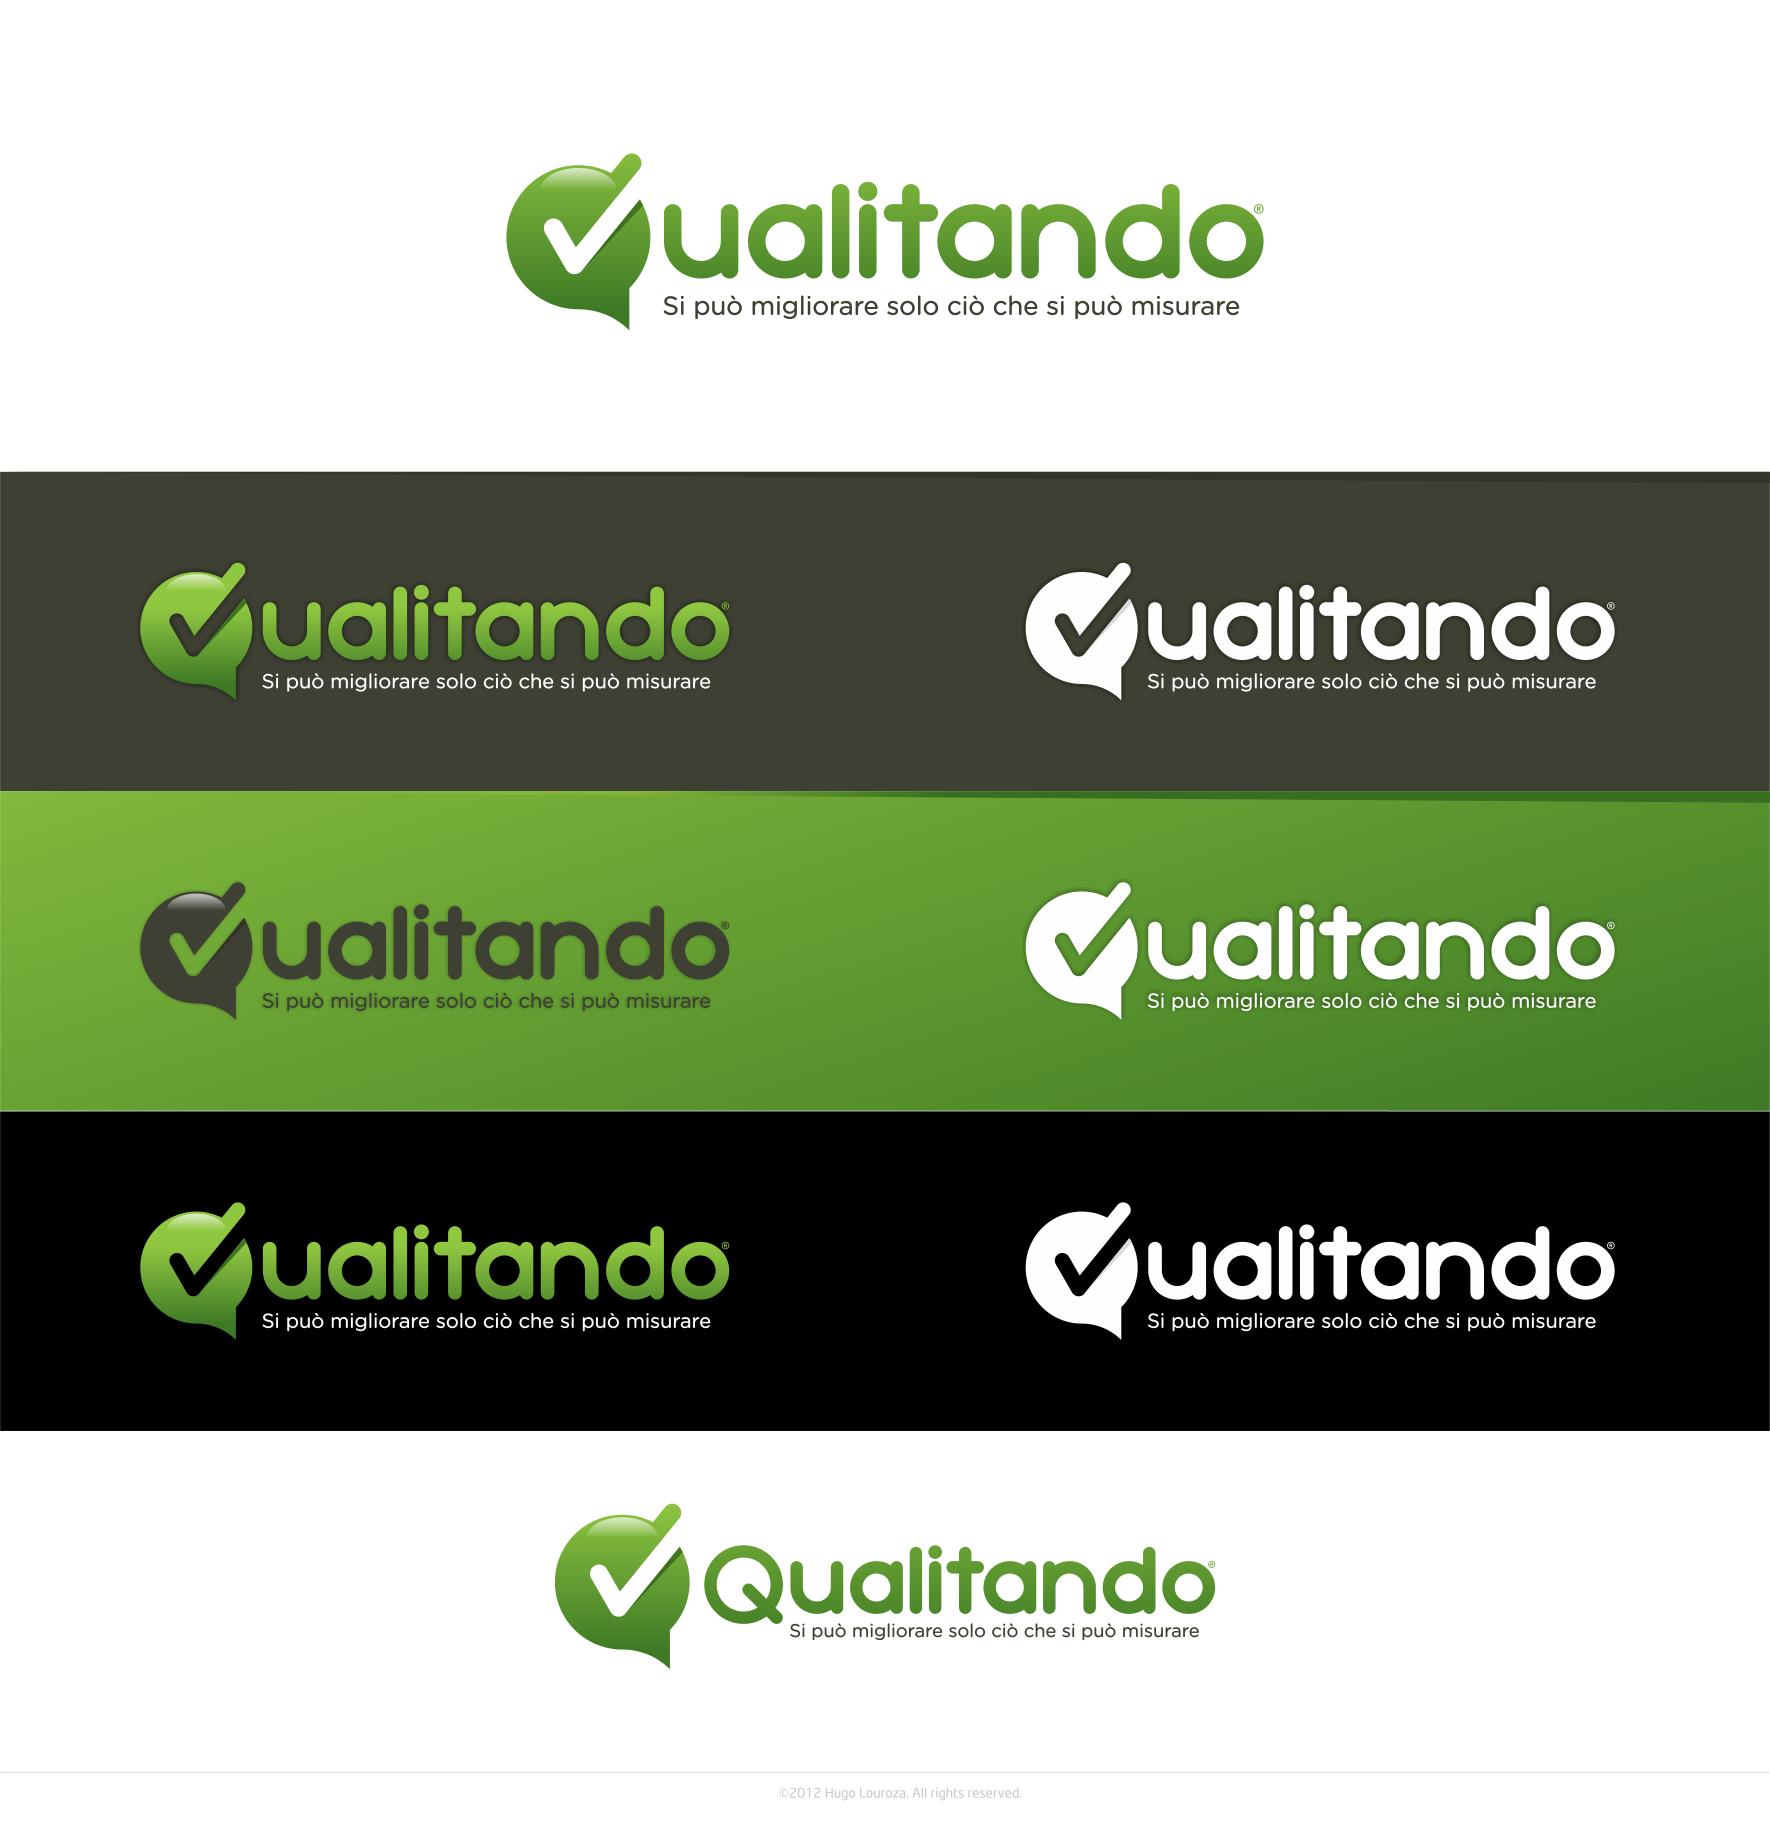 Create the next logo for Qualitando